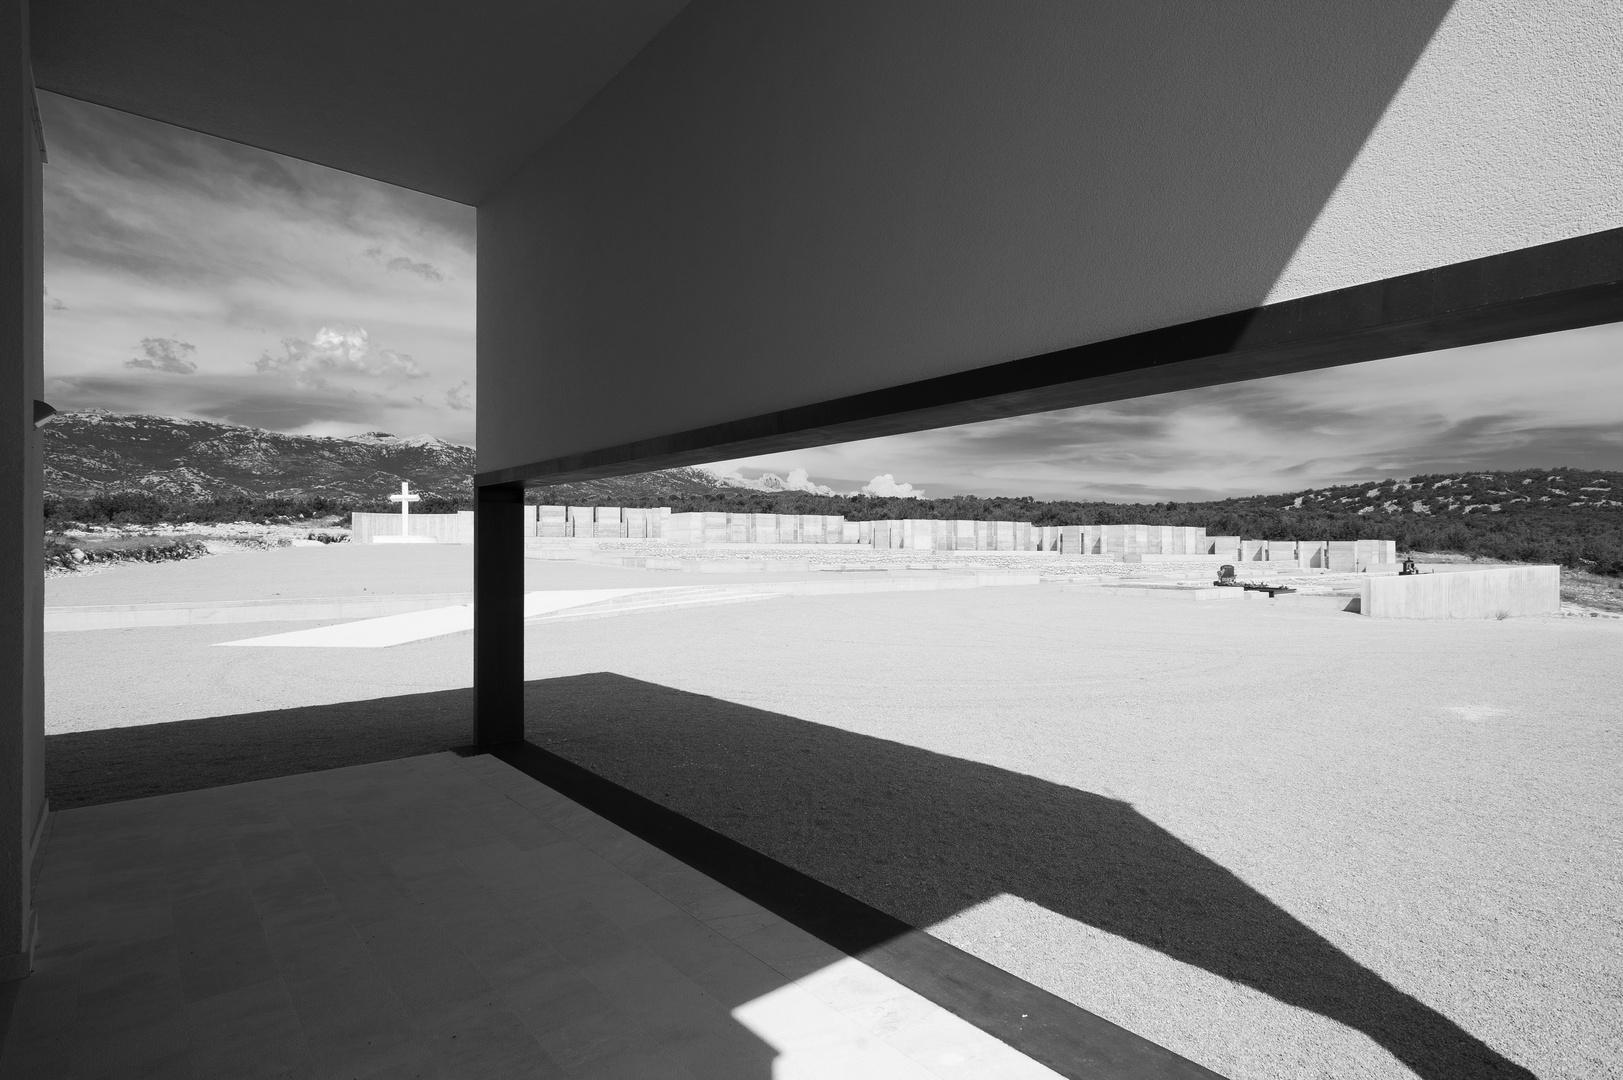 Schattendach